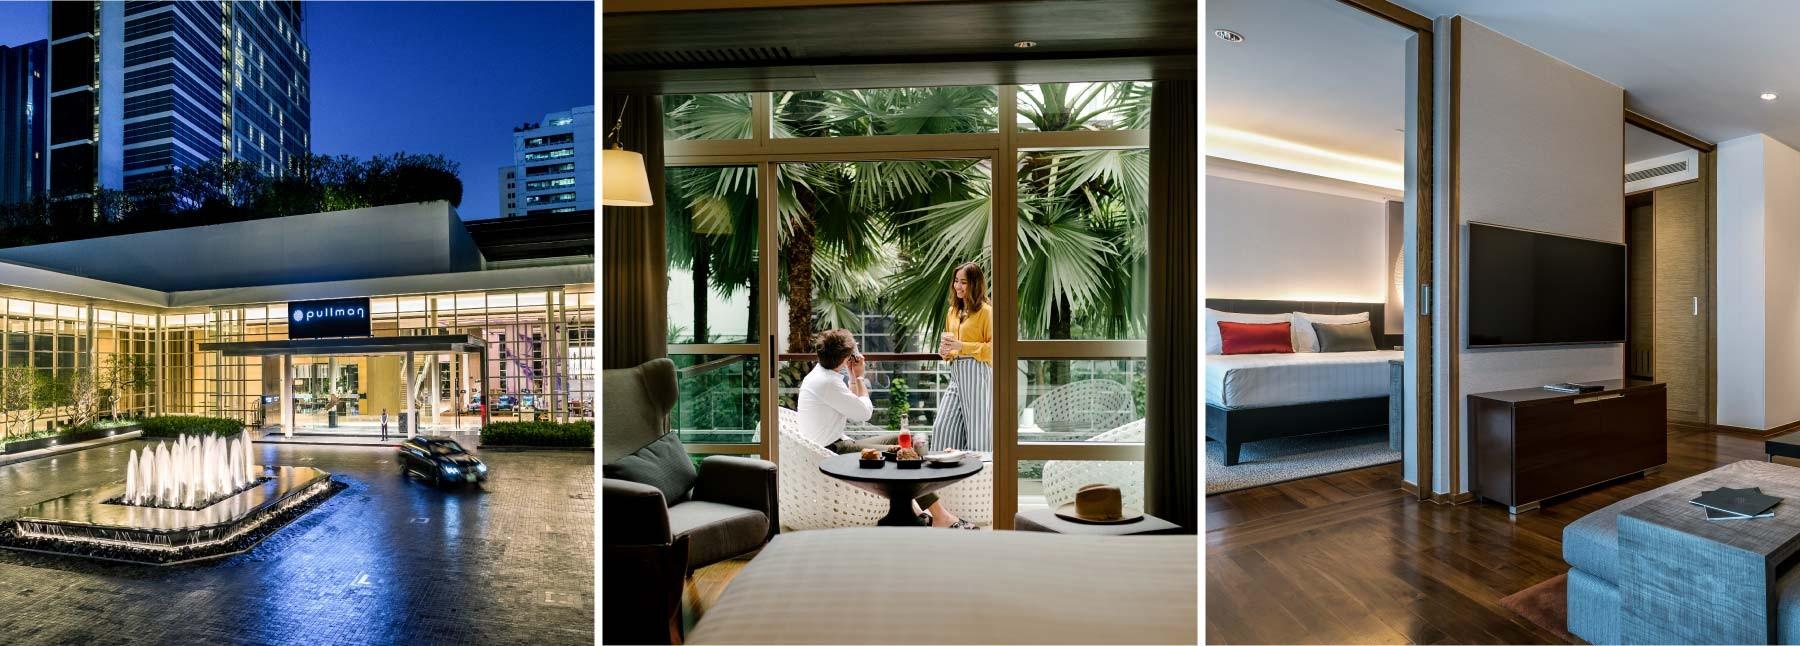 โรงแรมในกรุงเทพ